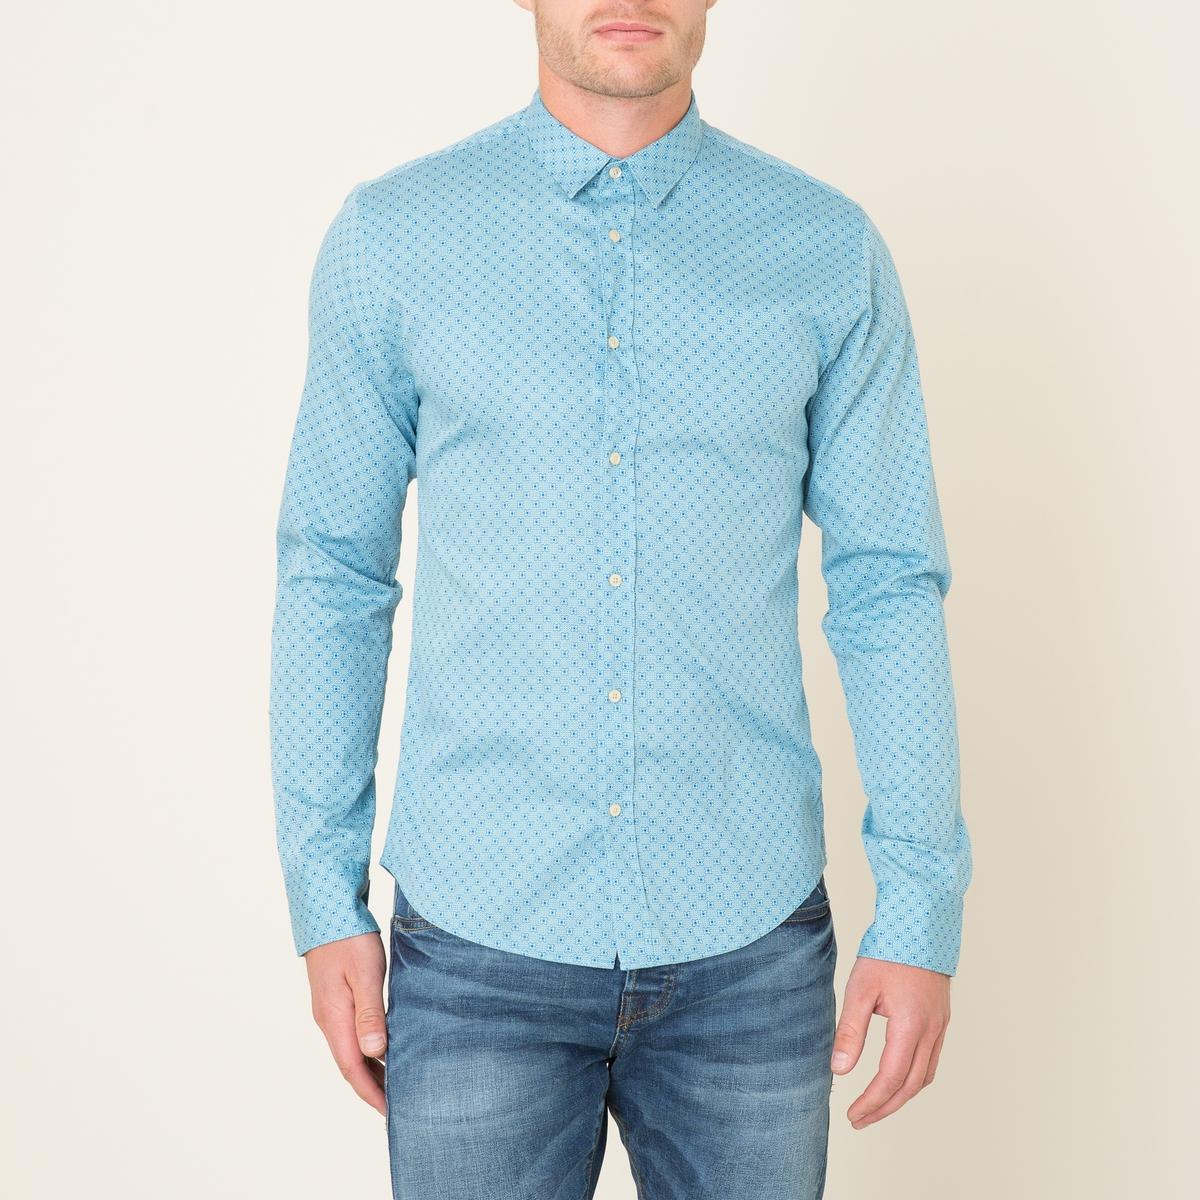 Рубашка с рисункомСостав и описание    Материал : 100% хлопокМарка : SCOTCH AND SODA<br><br>Цвет: горчичный,синий